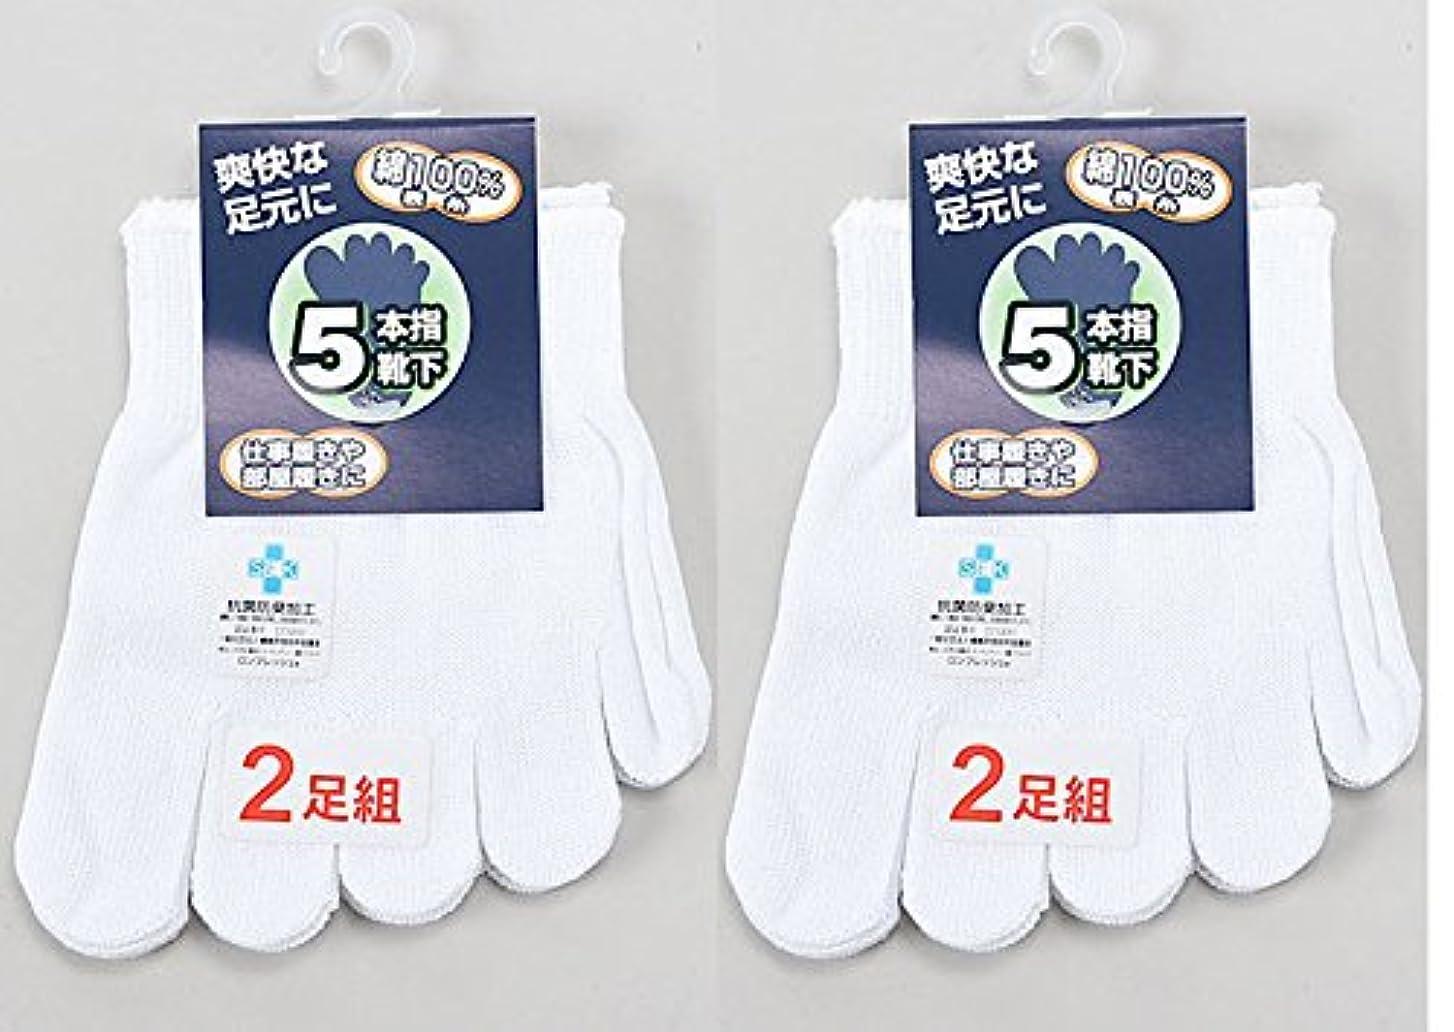 セラー農夫慈善日本製 5本指ハーフソックス 表糸綿100% つま先5本指フットカバー オフ白4足組